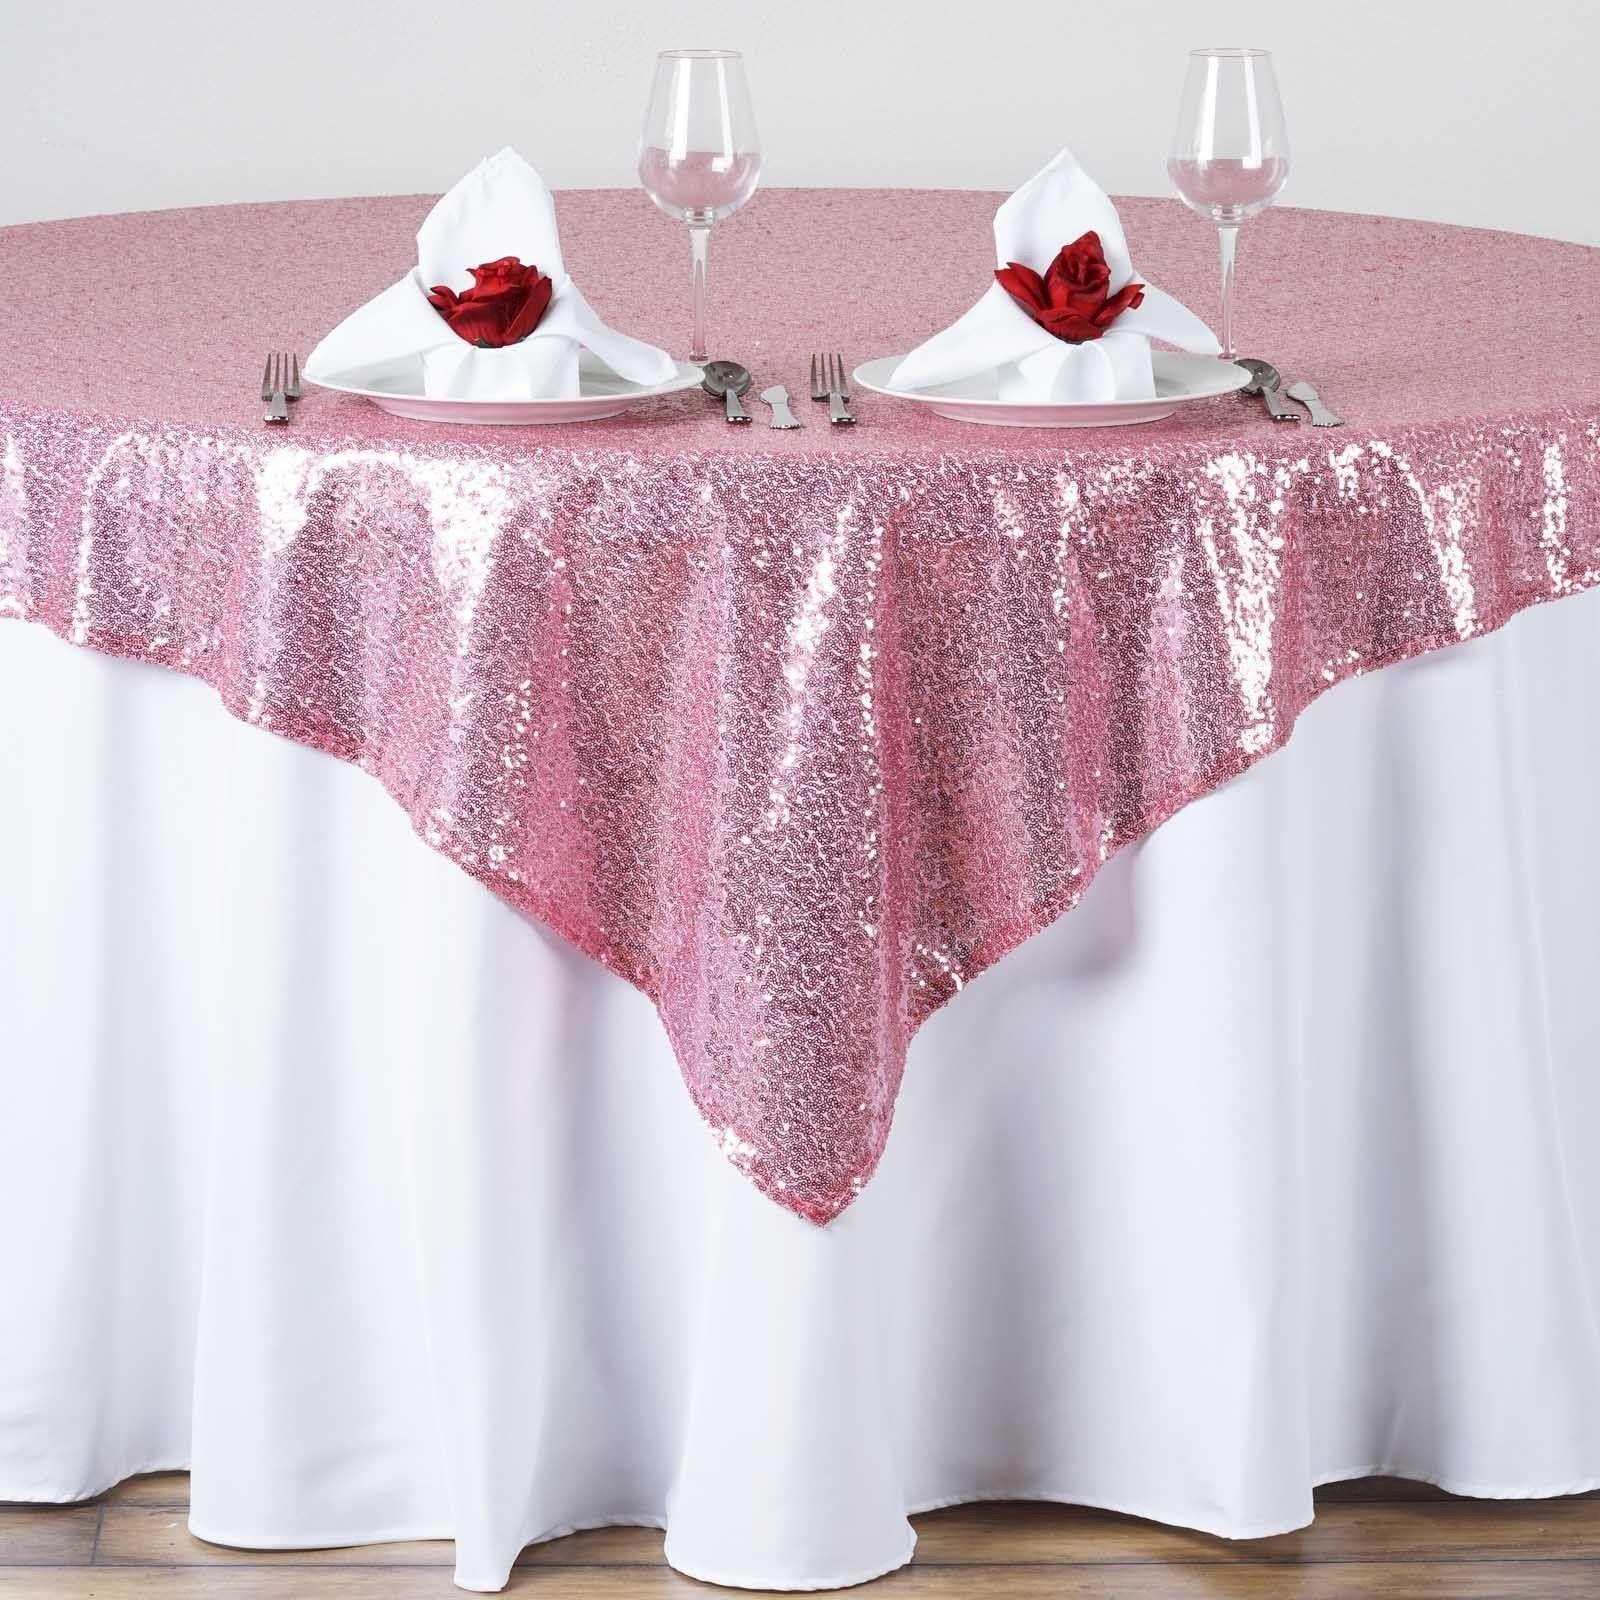 Lot de 12 Paillettes Table Overlay 54 X 54  Brillant Nappe Gateau de Mariage USA vente